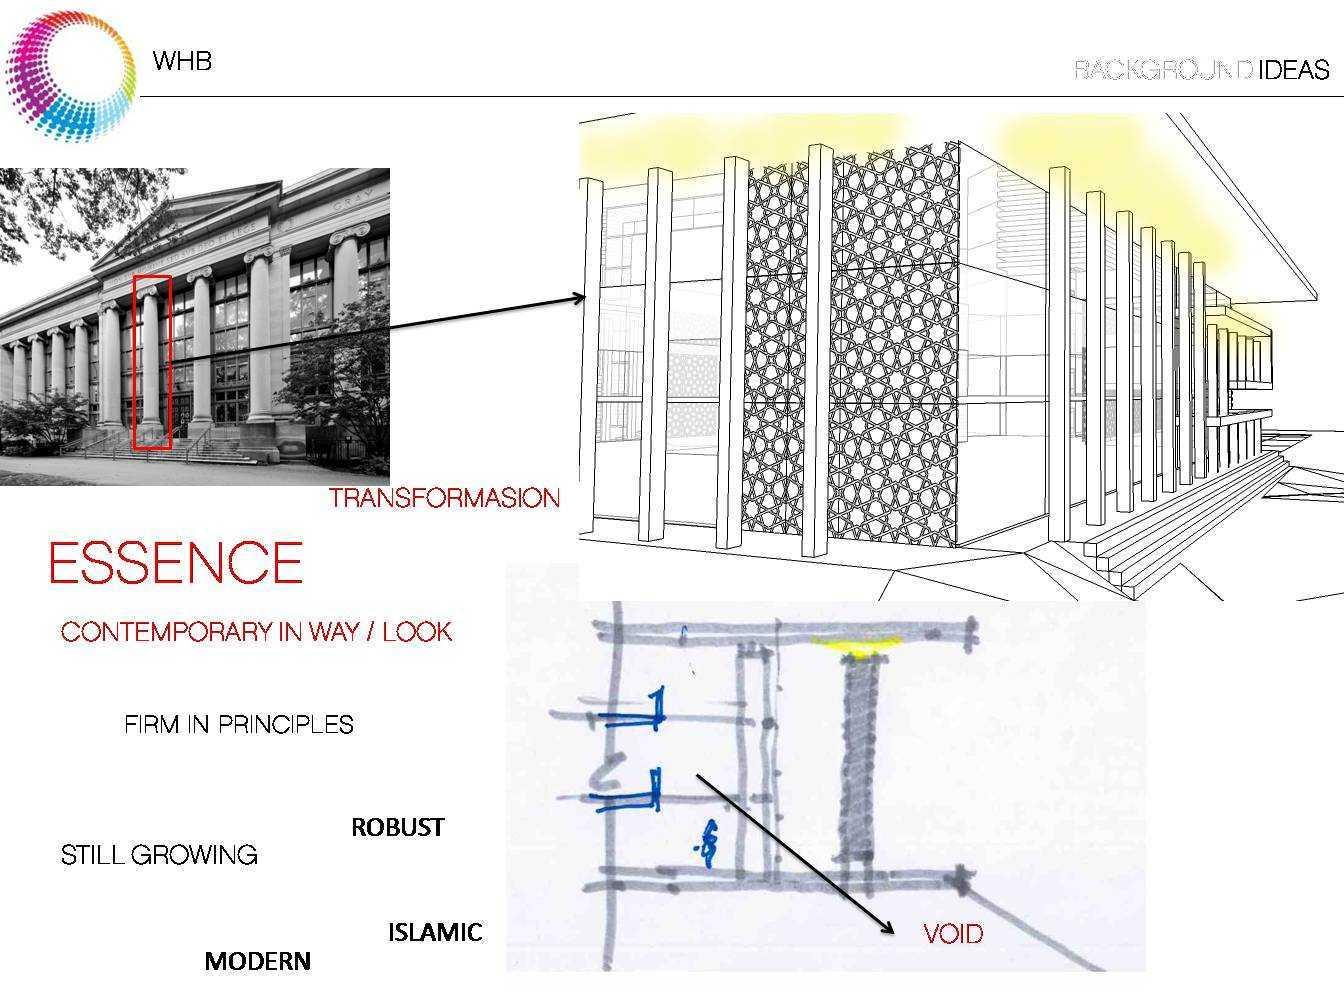 Astabumi Architect & Interior Design Fakultas Hukum Universitas Islam Indonesia Yogyakarta Yogyakarta Concept  21167